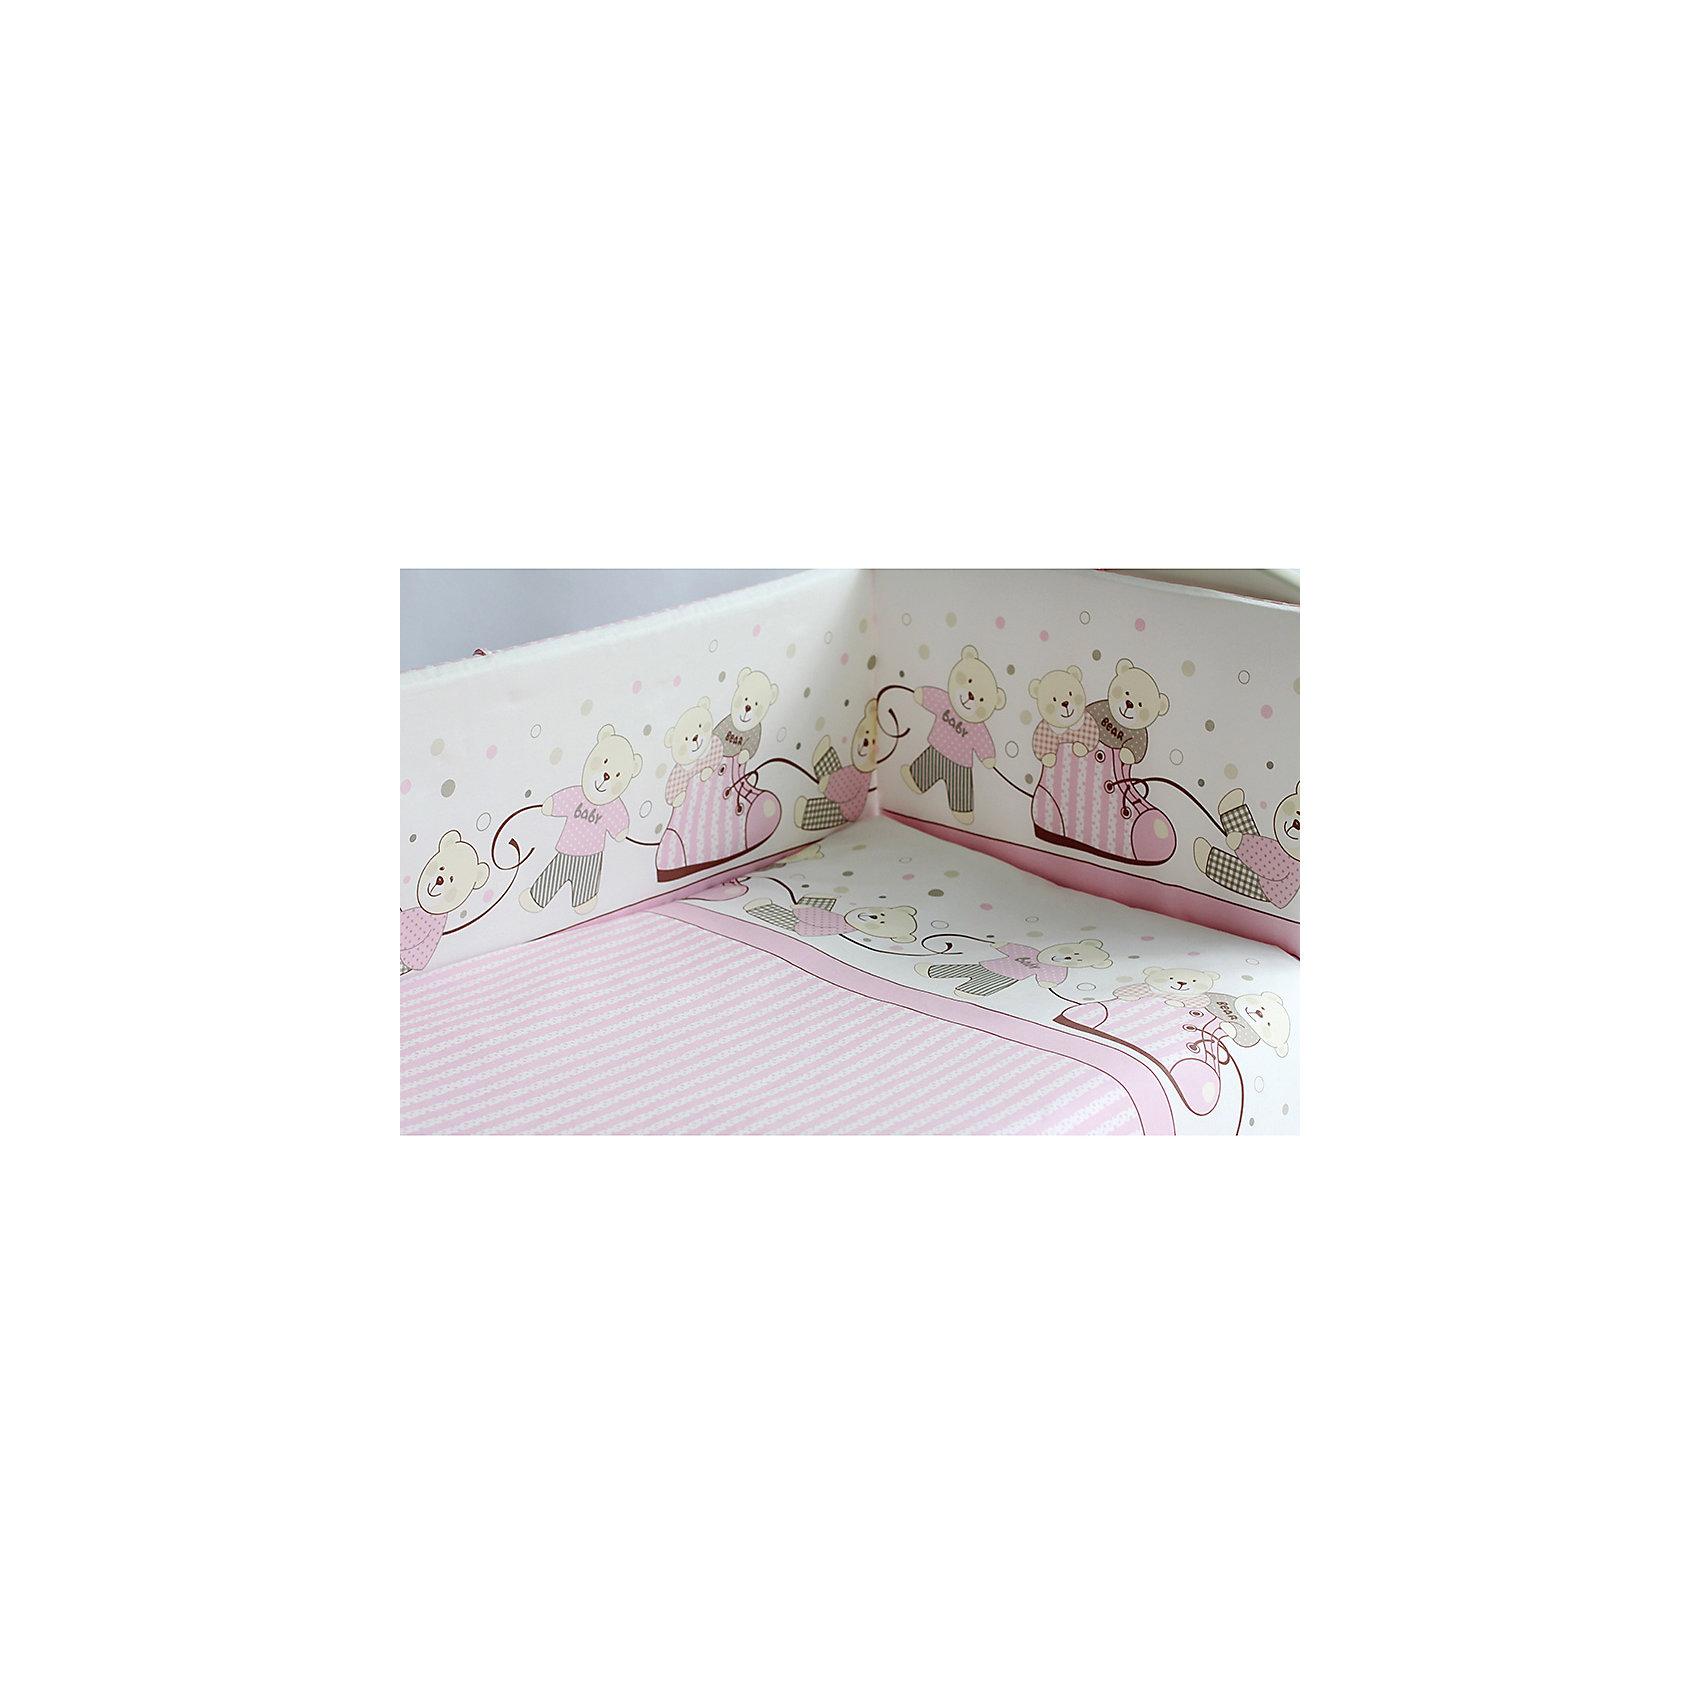 Комплект в коляску Мишки, 6 пред., Pituso, розовыйАксессуары для колясок<br>PITUSO Комплект в кроватку МИШКИ 6 пр. Розовый<br><br>Ширина мм: 590<br>Глубина мм: 450<br>Высота мм: 280<br>Вес г: 2800<br>Возраст от месяцев: 0<br>Возраст до месяцев: 36<br>Пол: Унисекс<br>Возраст: Детский<br>SKU: 5563663